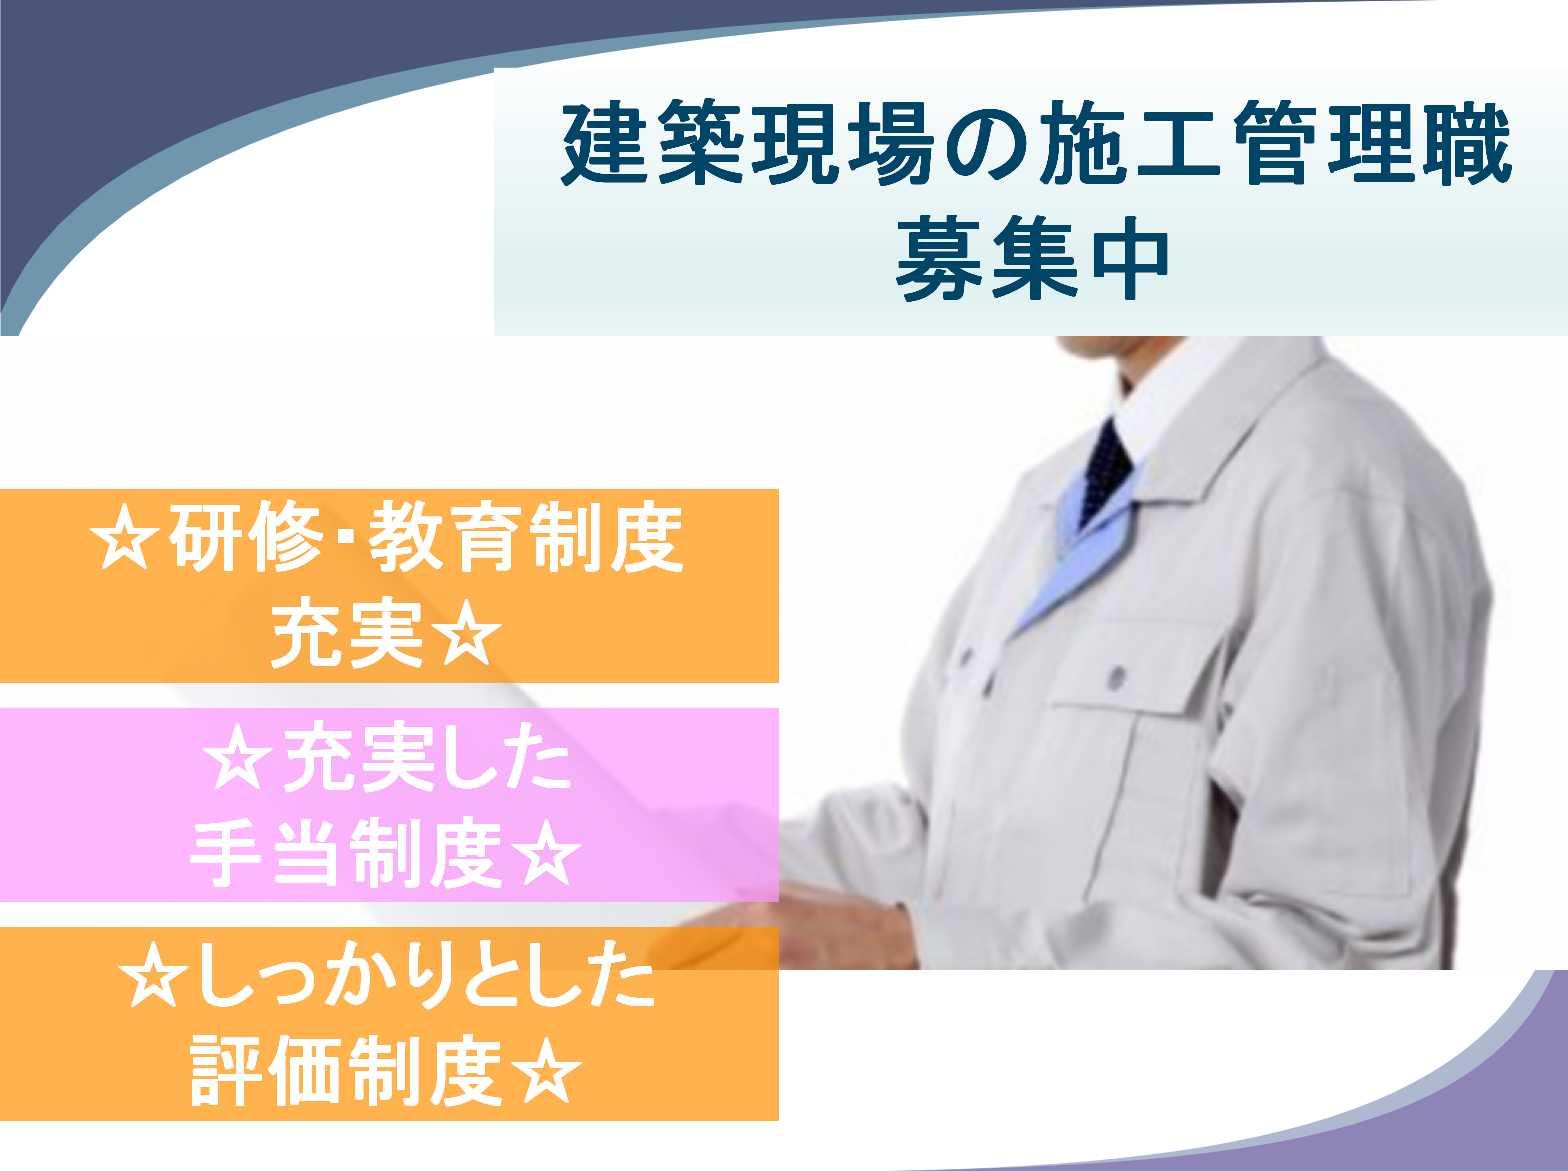 【正社員】研修制度・評価制度充実!建築現場の施工管理職募集! イメージ